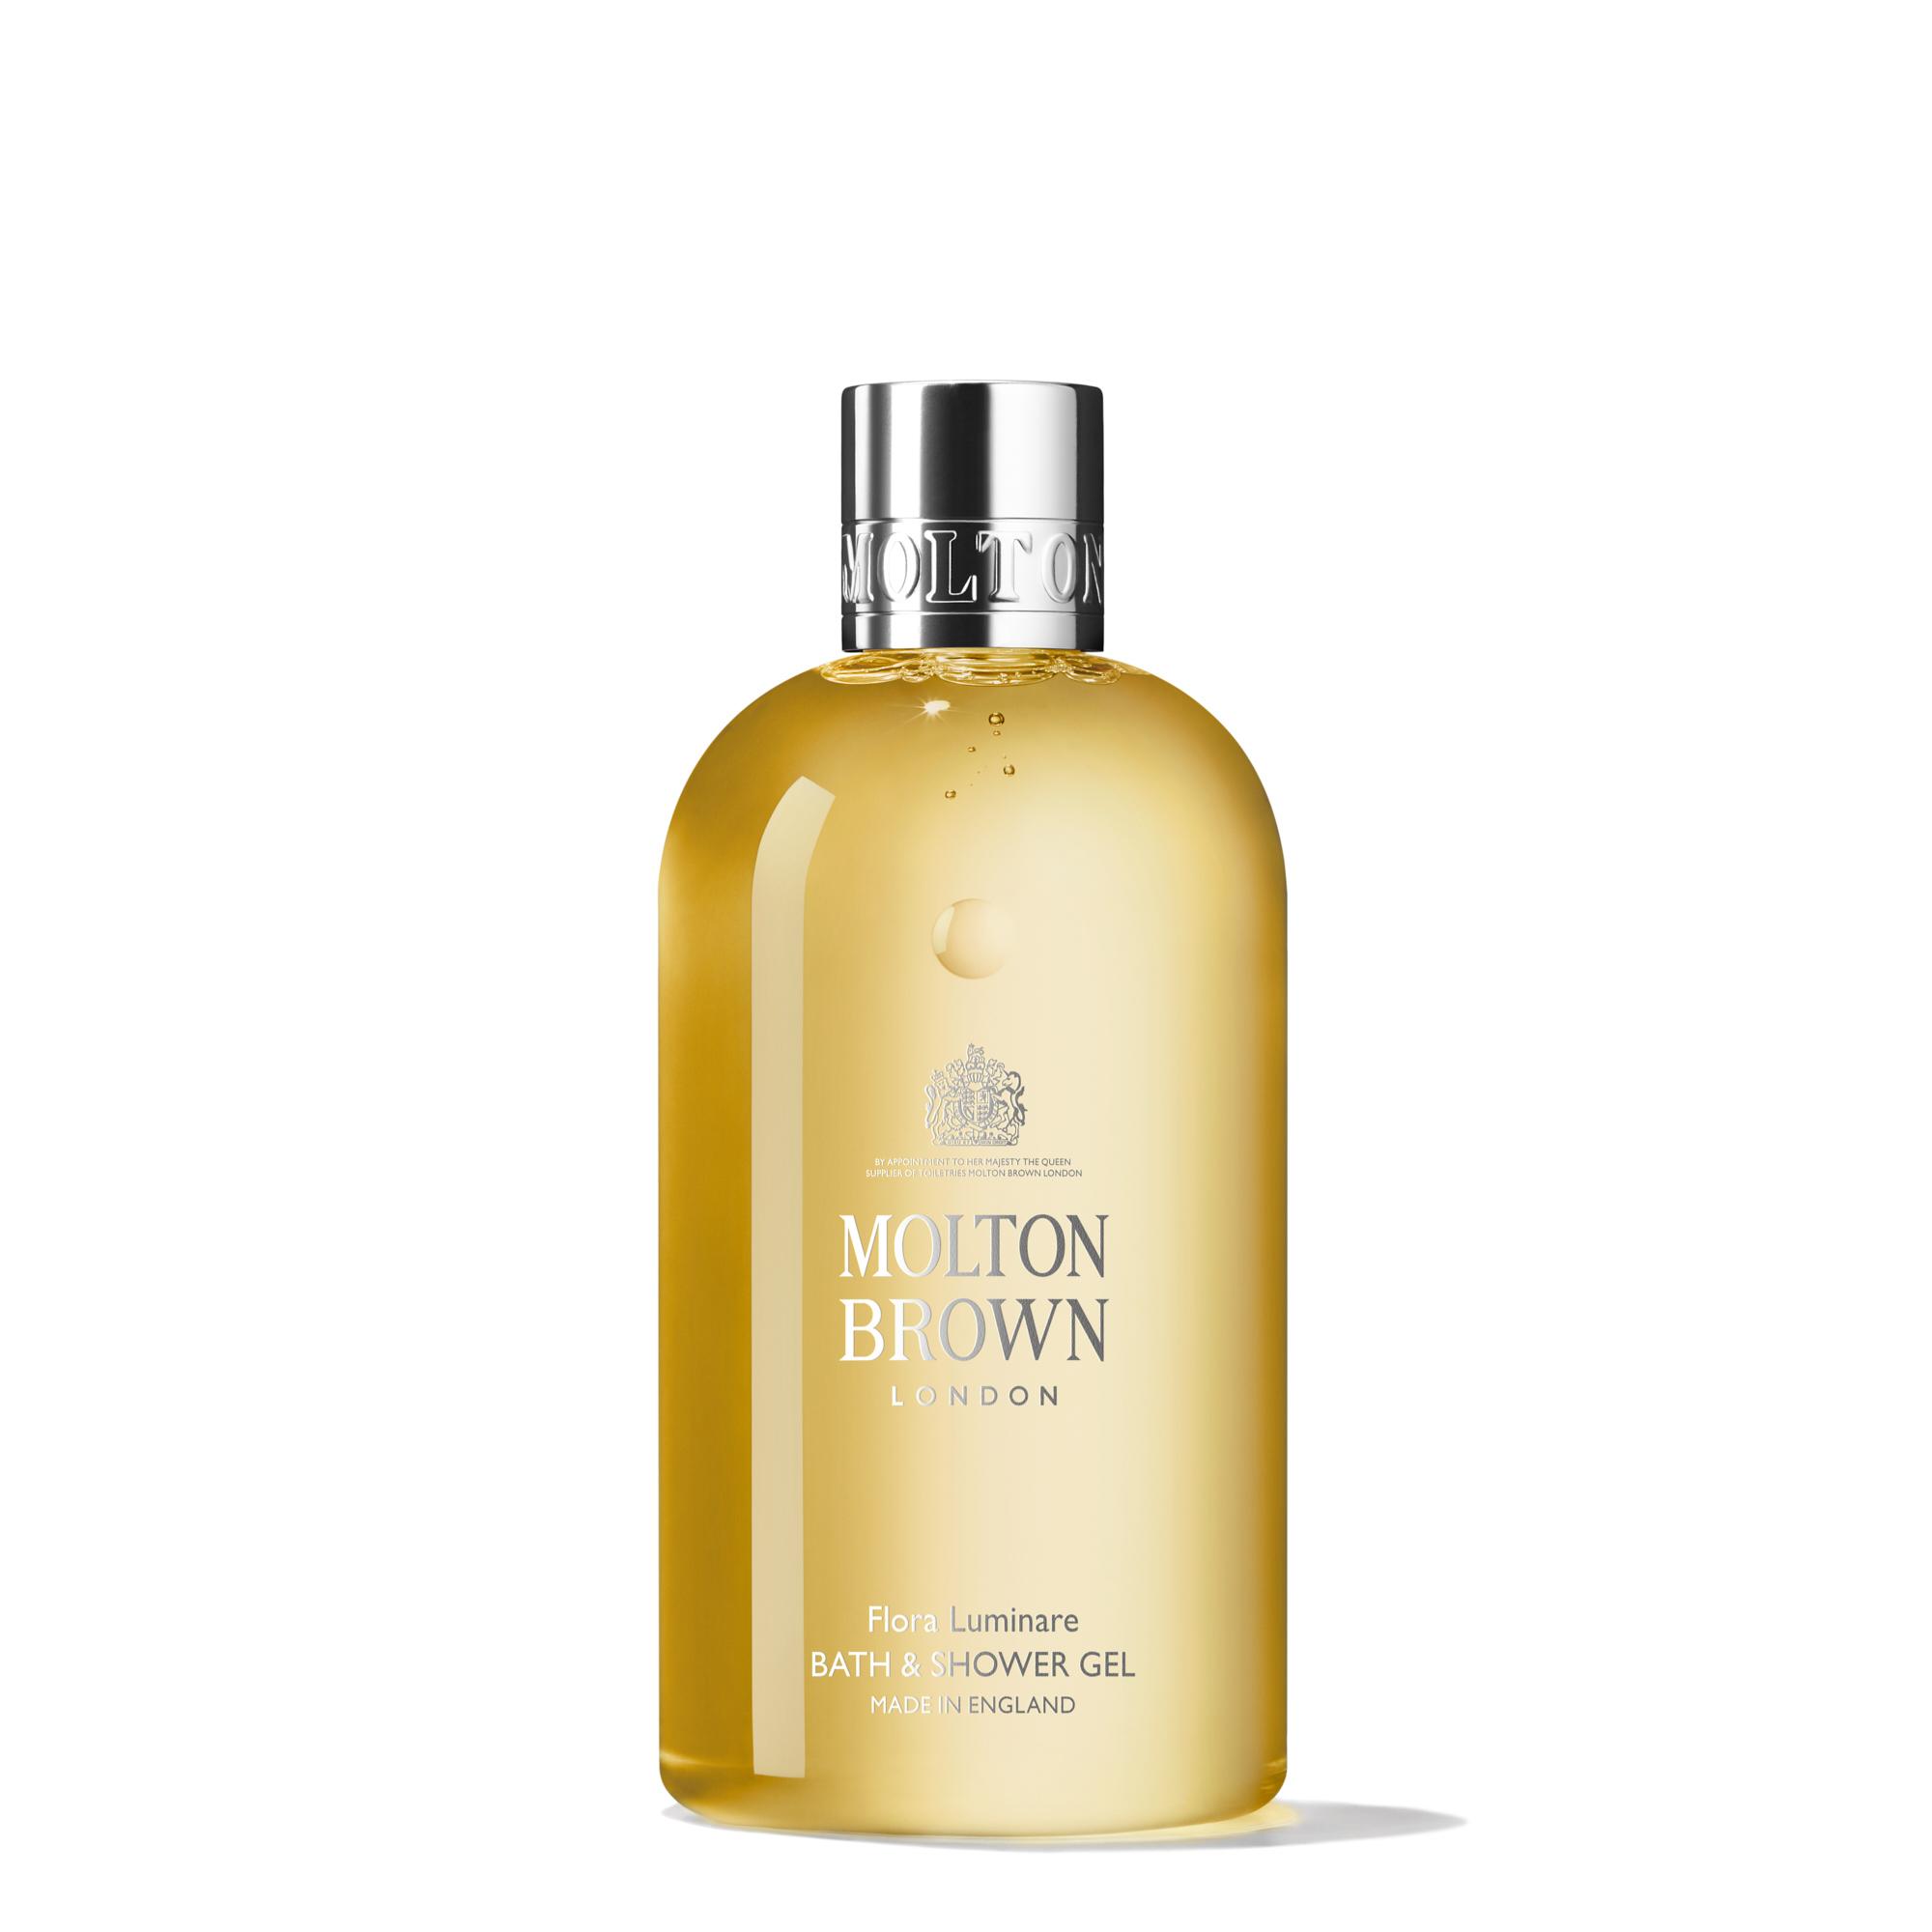 ホワイトフローラルの華麗な香り。モルトンブラウン『フローラ ルミナーレ バス&シャワージェル』のご紹介に関する画像4